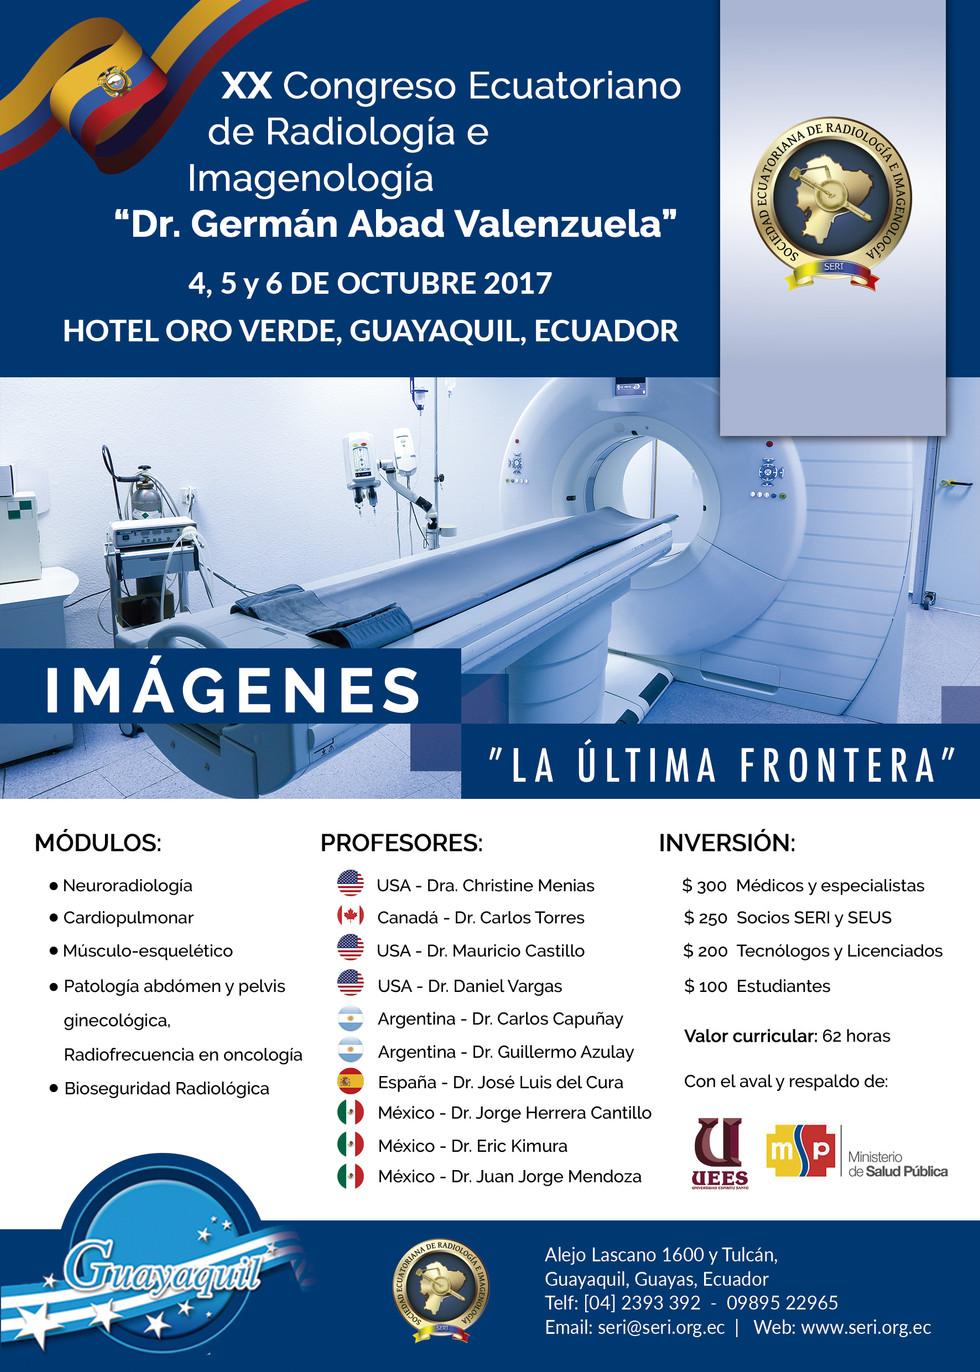 """Afiche del XX Congreso Ecuatoriano de Radiología e Imagenología """"Dr. Germán Abad Valenzuela&quo"""